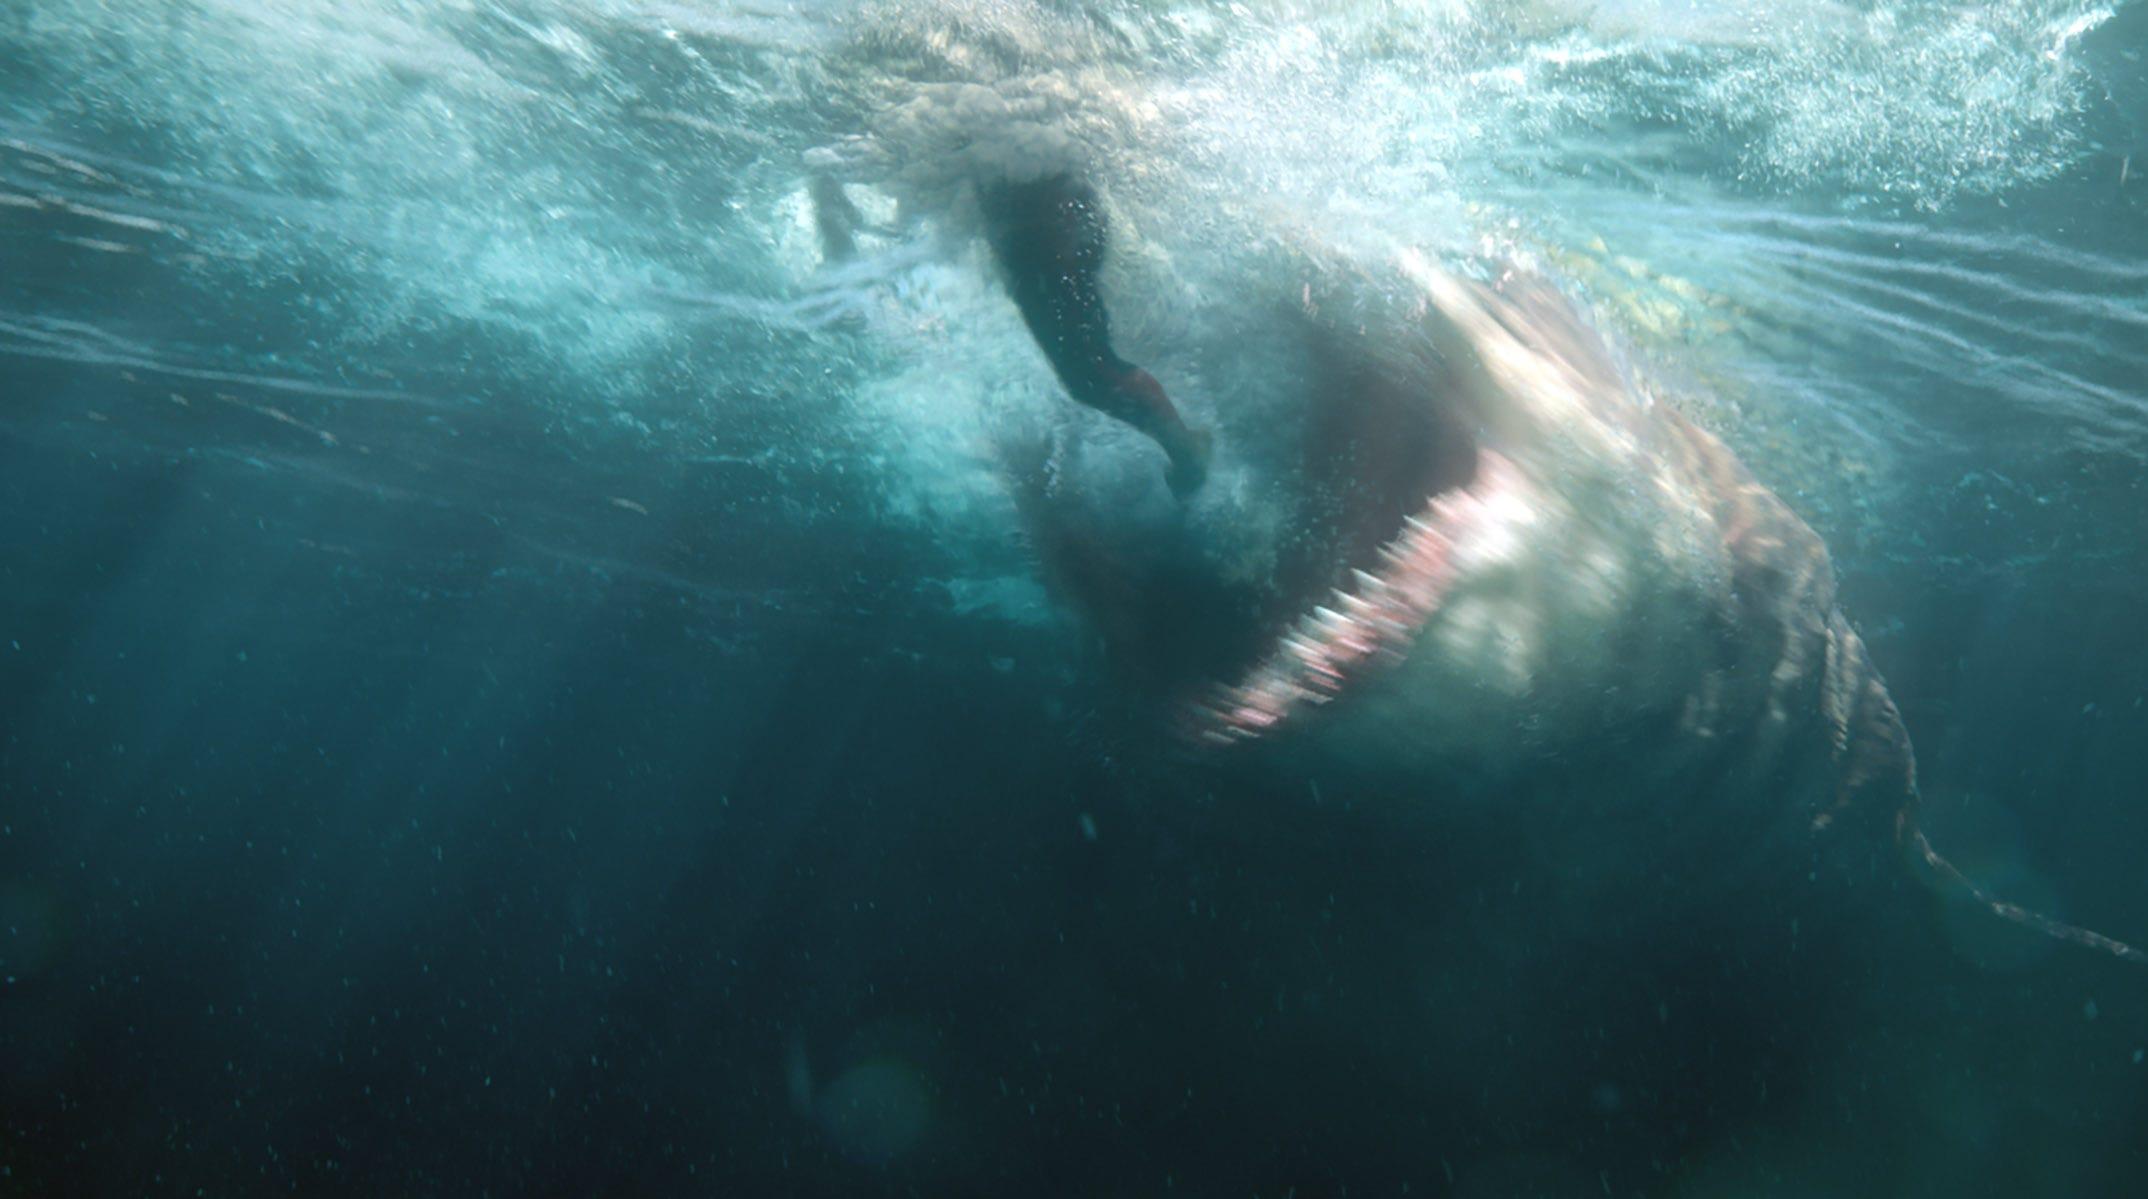 The Meg Spoilers Rainn Wilson On Shark Deaths That Bloody Ending